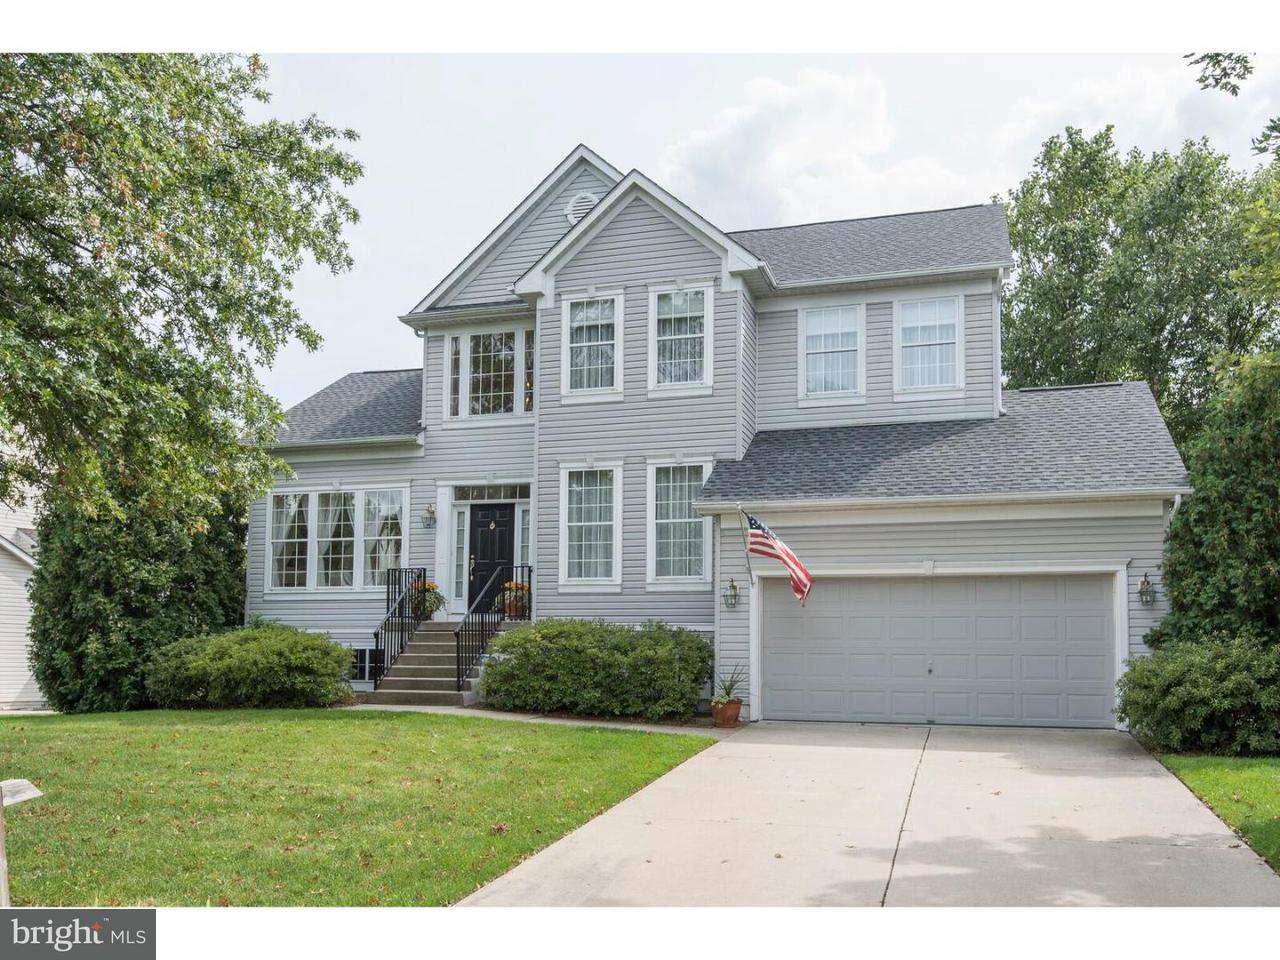 Casa Unifamiliar por un Venta en 35 BRITTANY BLVD Evesham, Nueva Jersey 08053 Estados Unidos